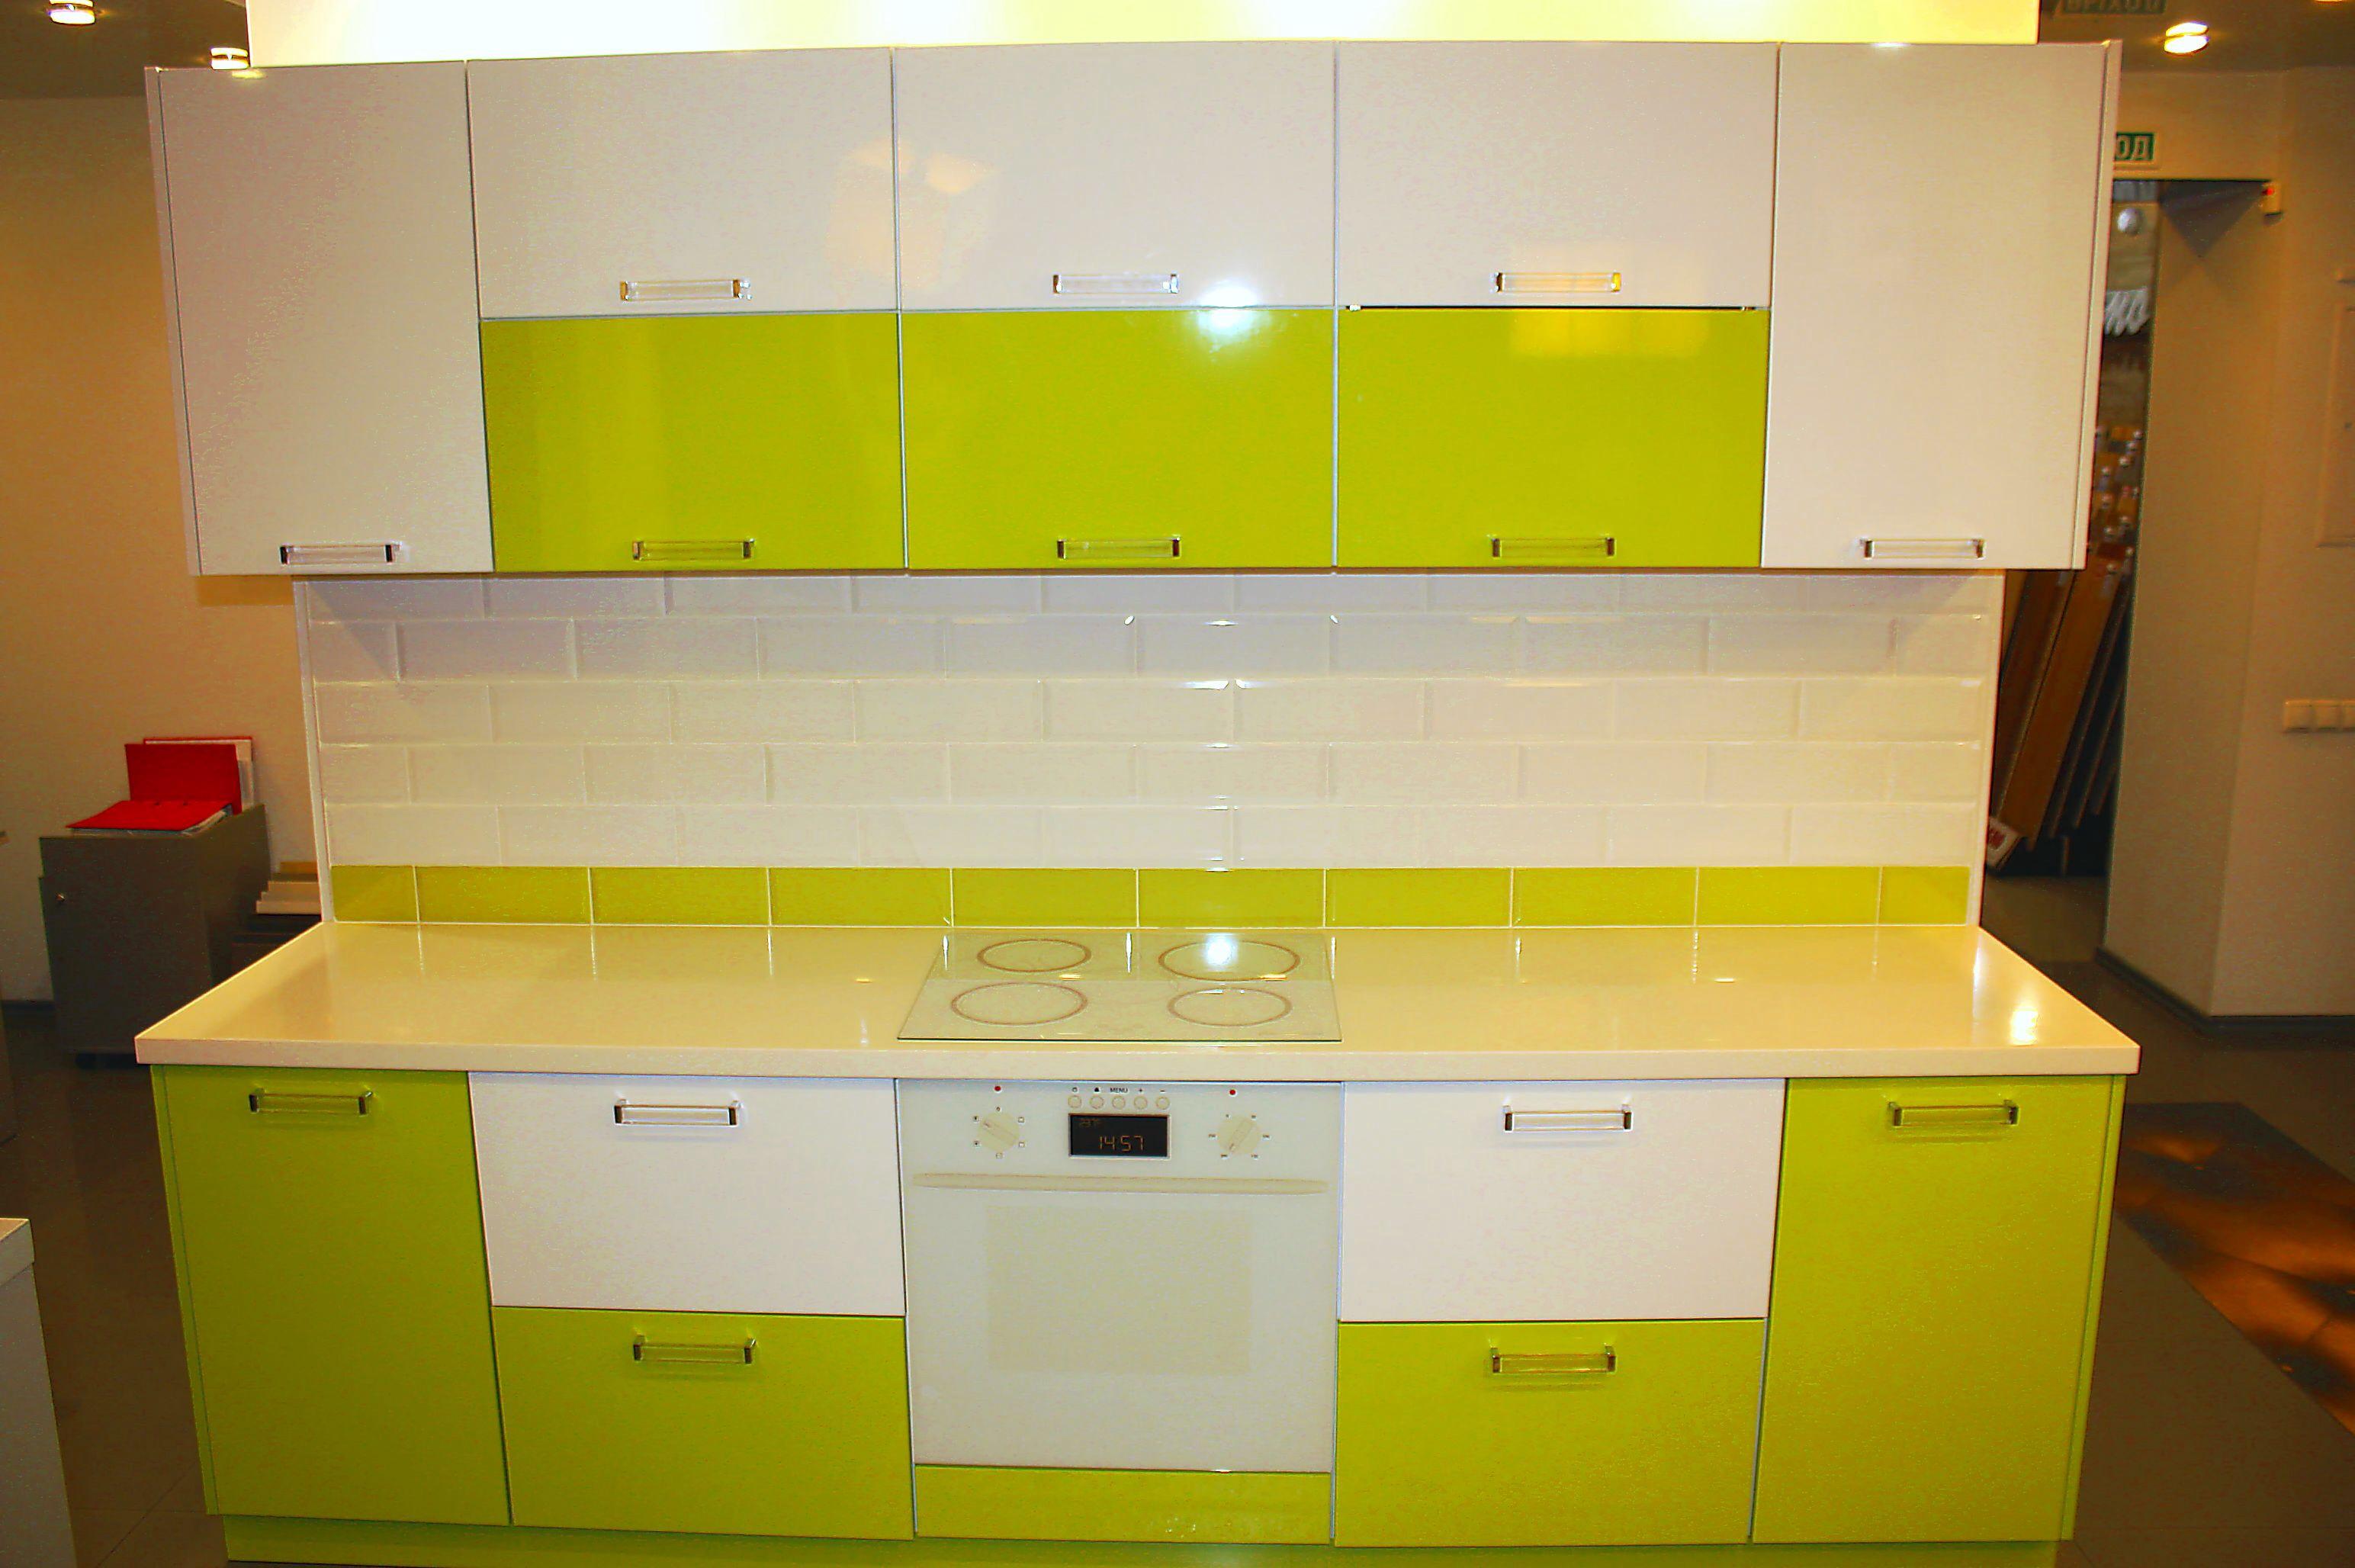 Сочетание цветов пластика на фасадах кухни фото